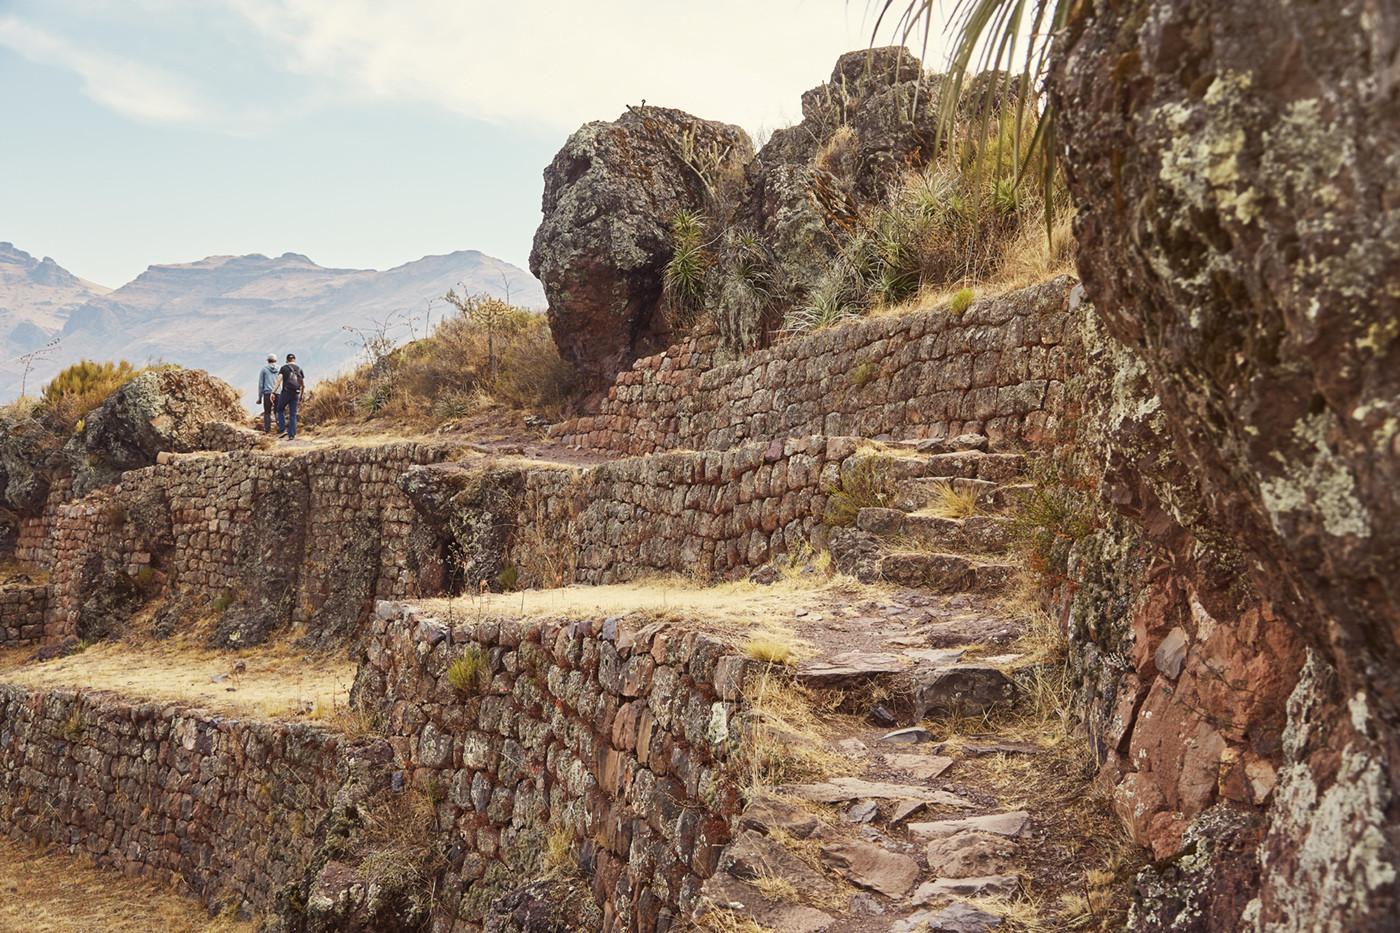 Es führen verschiedene Wanderwege durch die Pisac Ruinen in Peru. Es sind viel weniger Touristen unterwegs als in Machu Picchu oder Ollantaytambo. Ist man erstmal auf einem der Wanderwege, ist man beinah alleine unterwegs